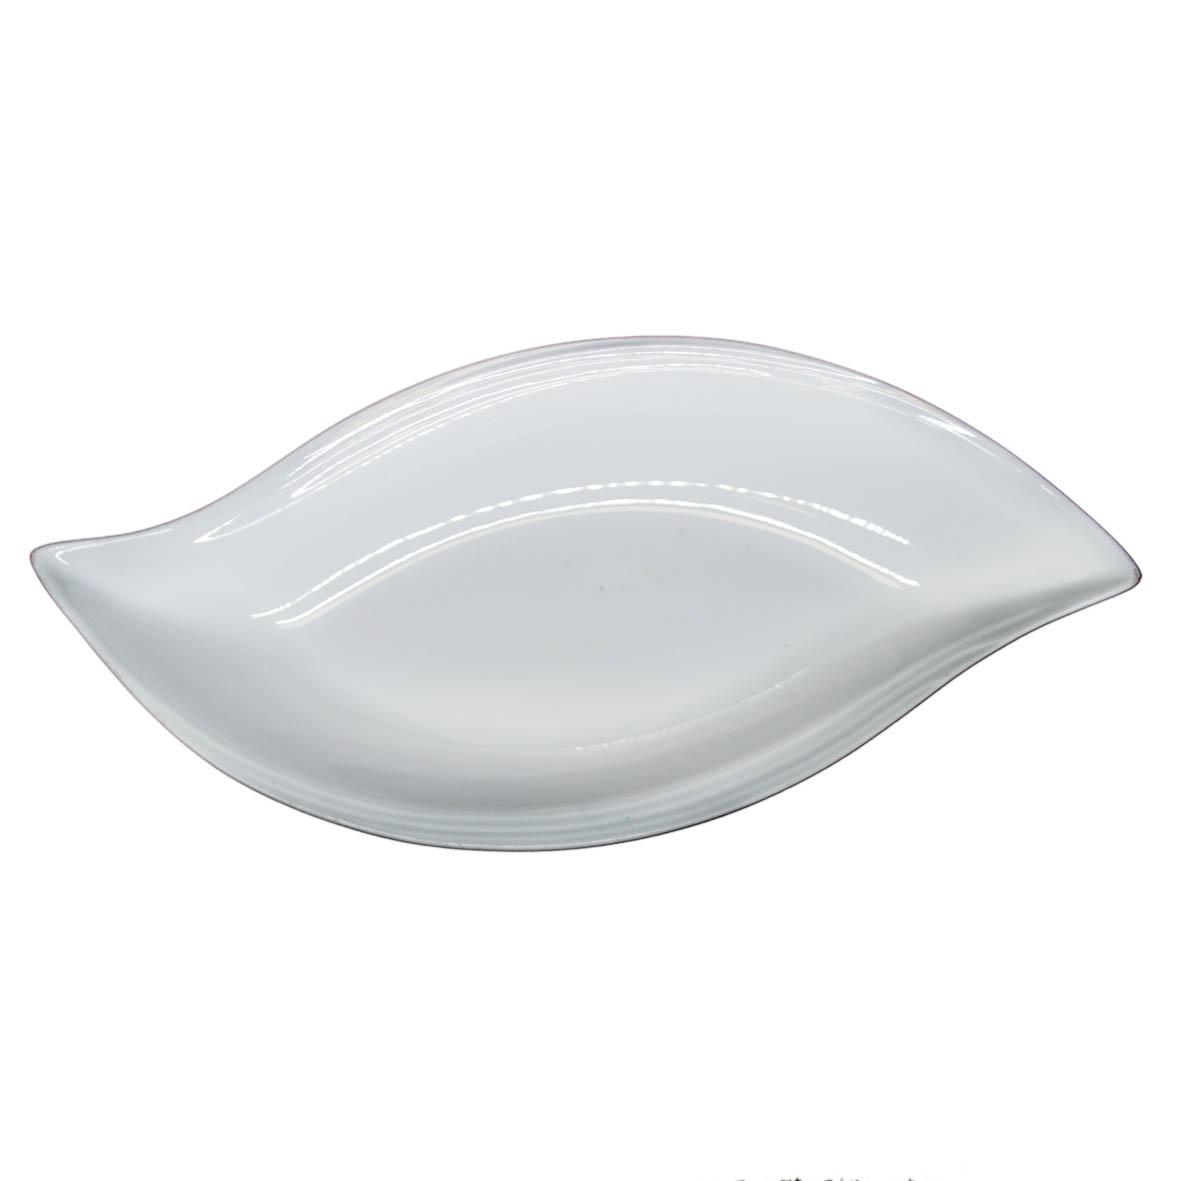 Travessa de Porcelana Oval Borda S Frisada 43x21x6